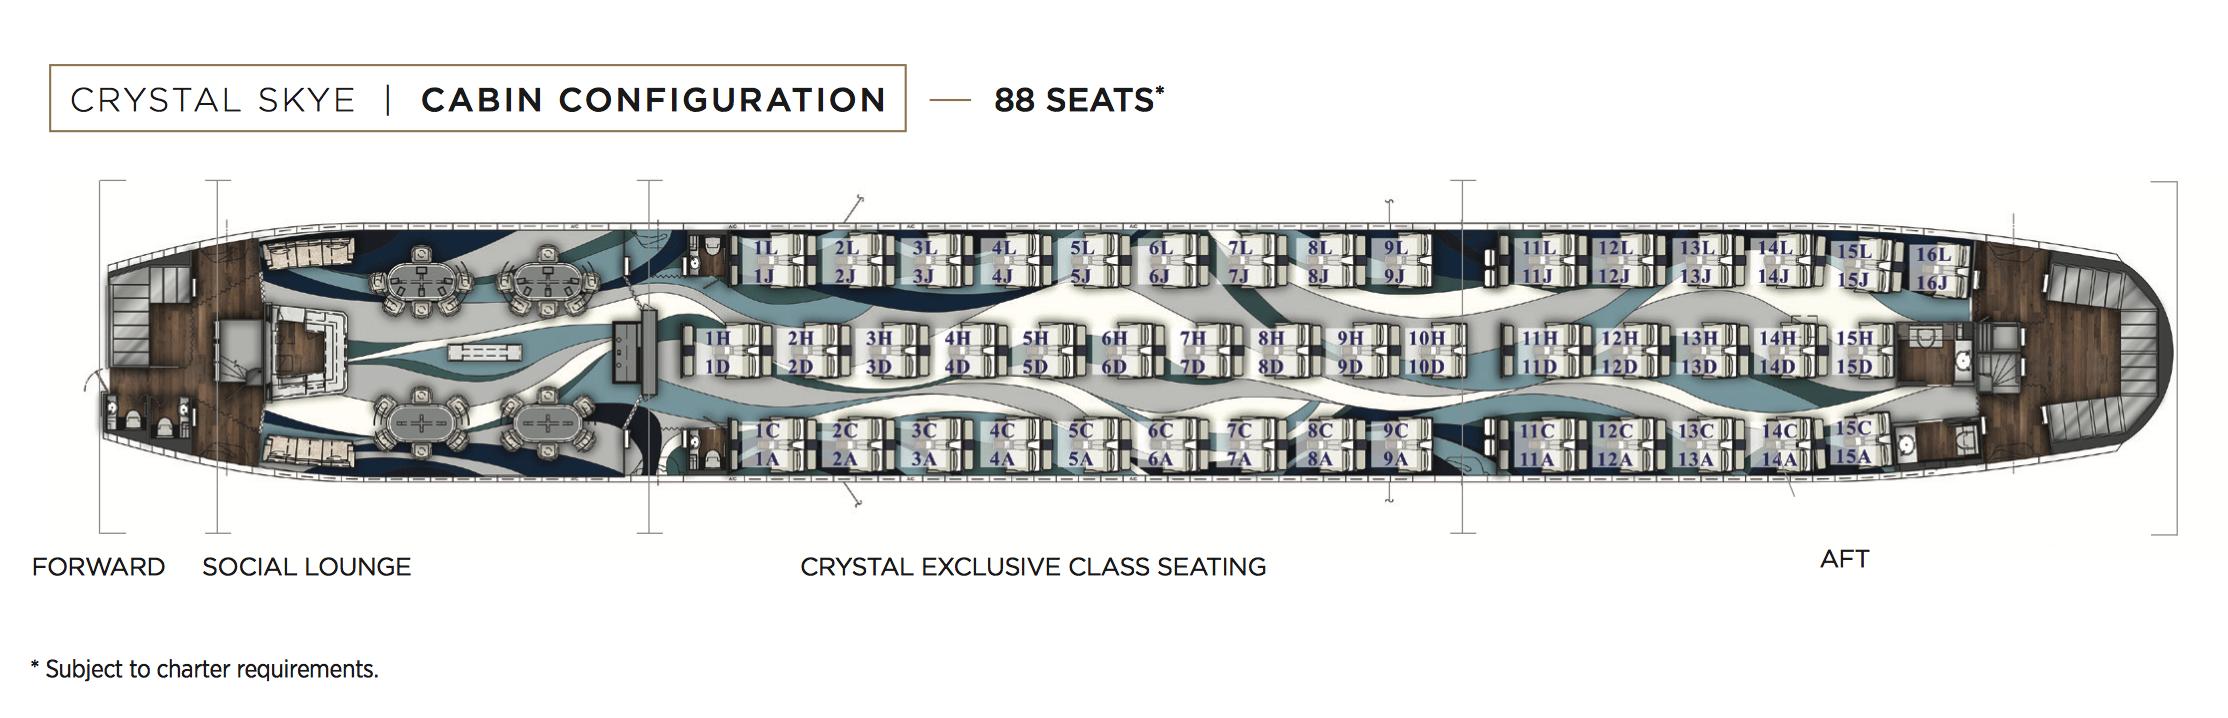 Mapa de asientos de Crystal Skye